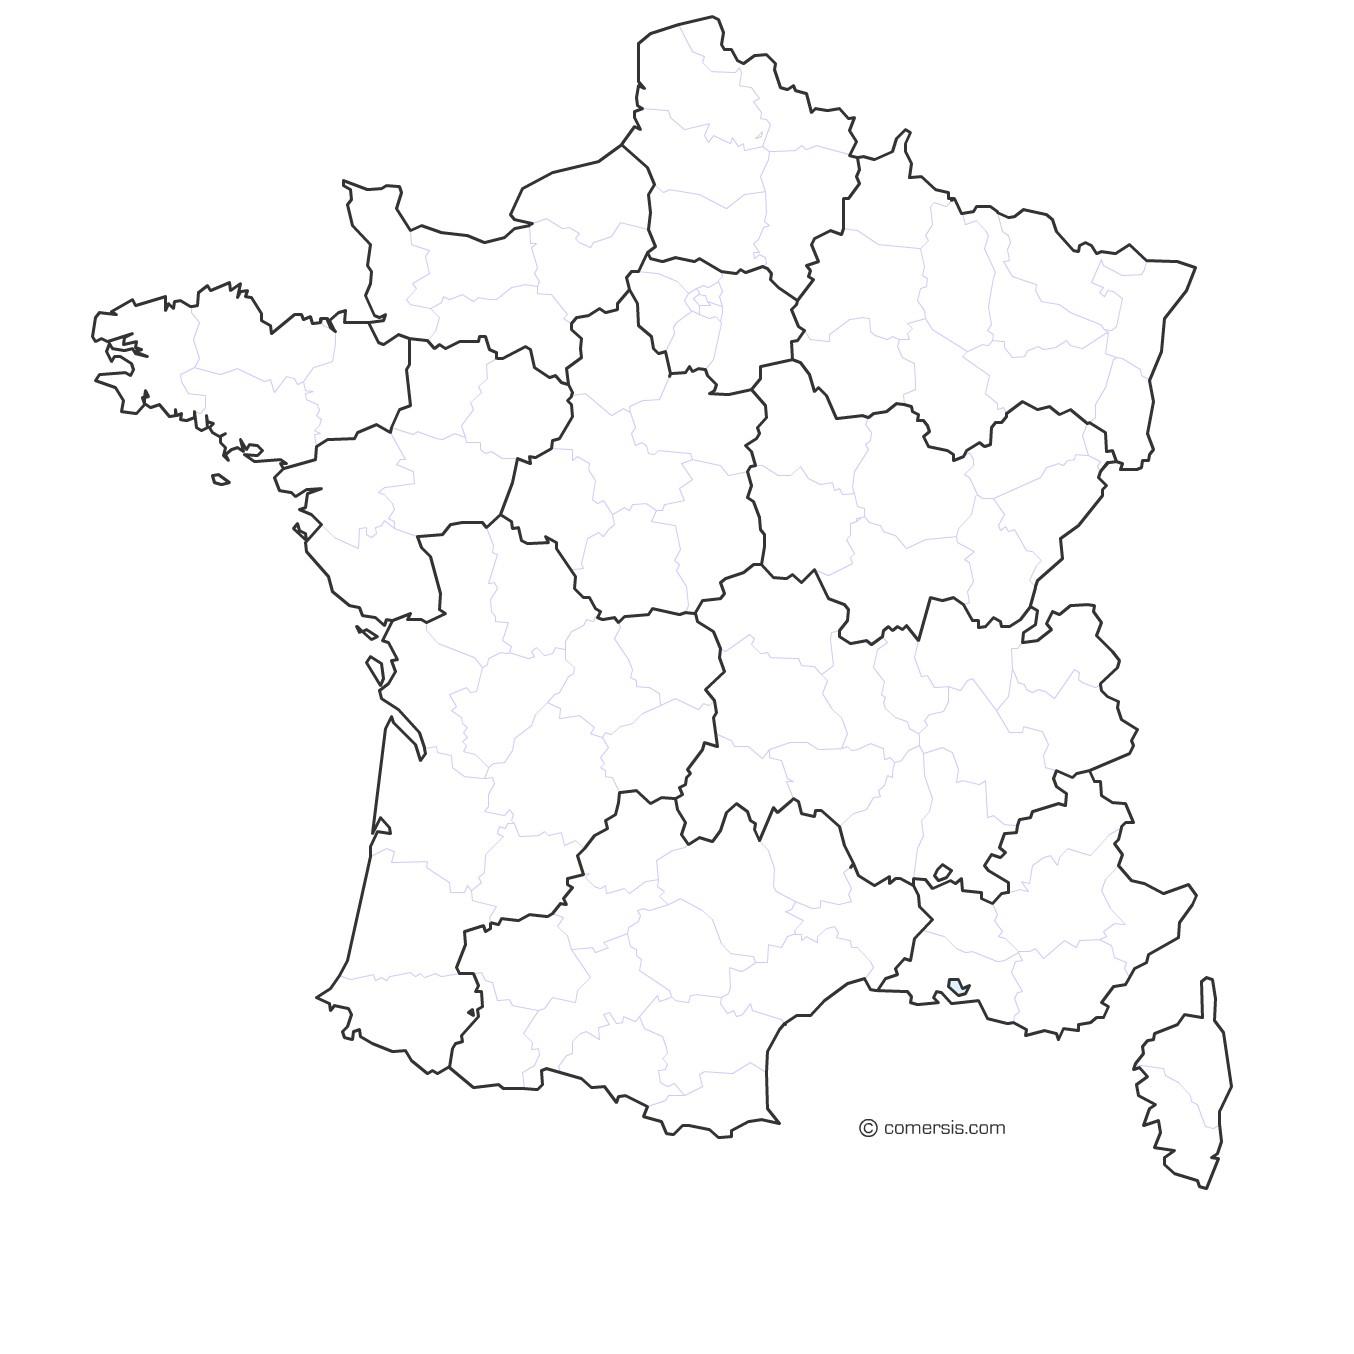 204E Carte France Region | Wiring Library intérieur Carte Des Régions De France Vierge